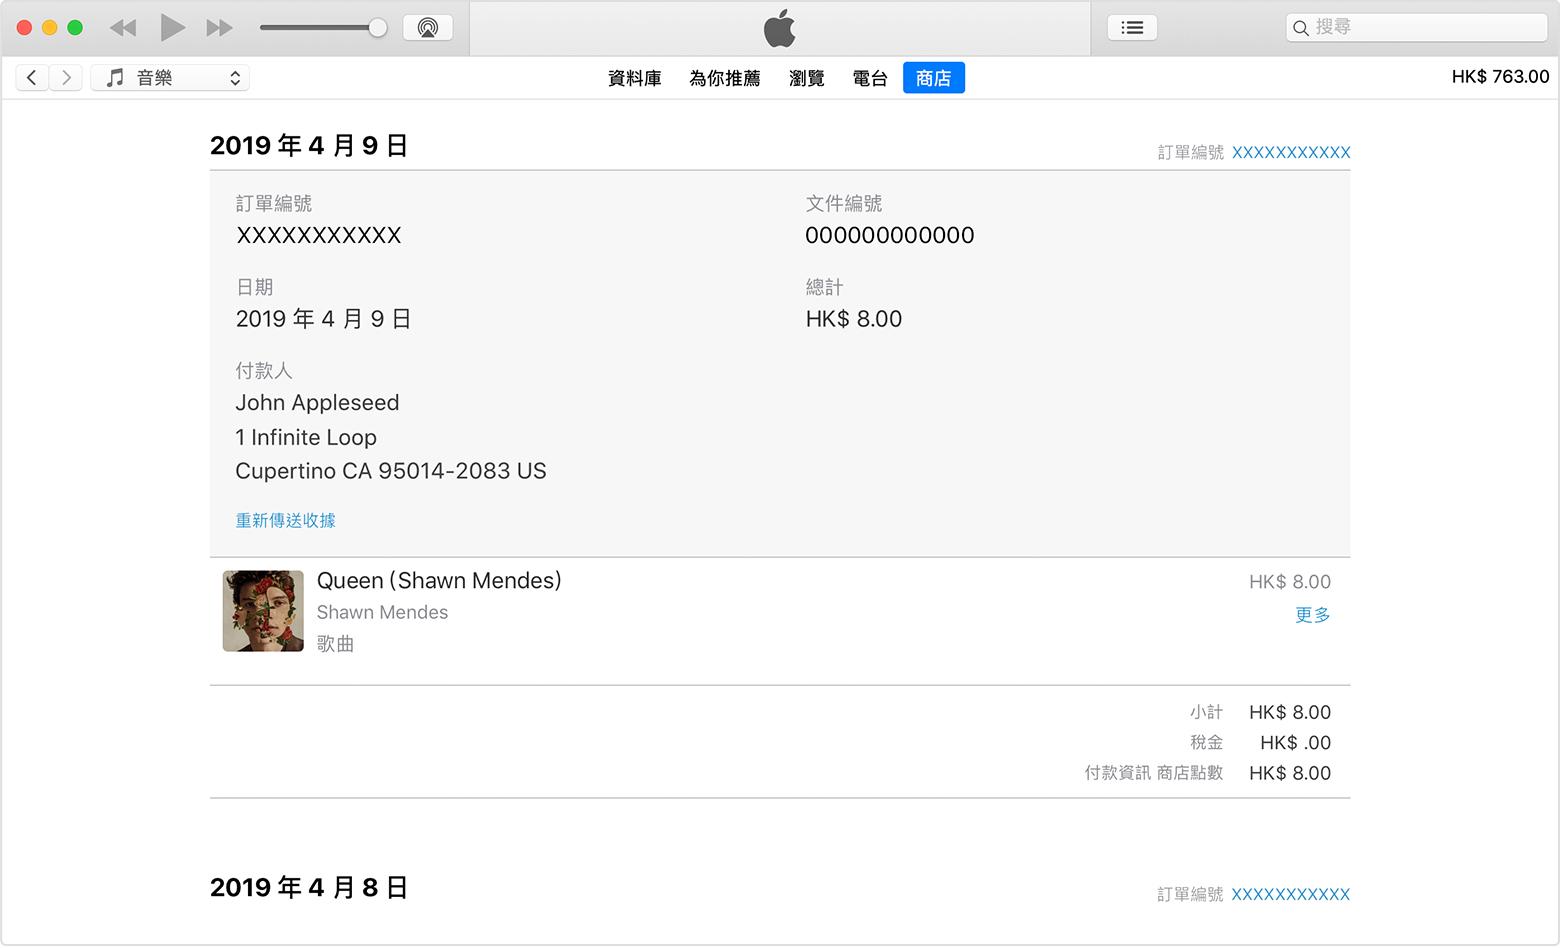 查看你在 App Store 或 iTunes Store 的購買記錄 - Apple 支援